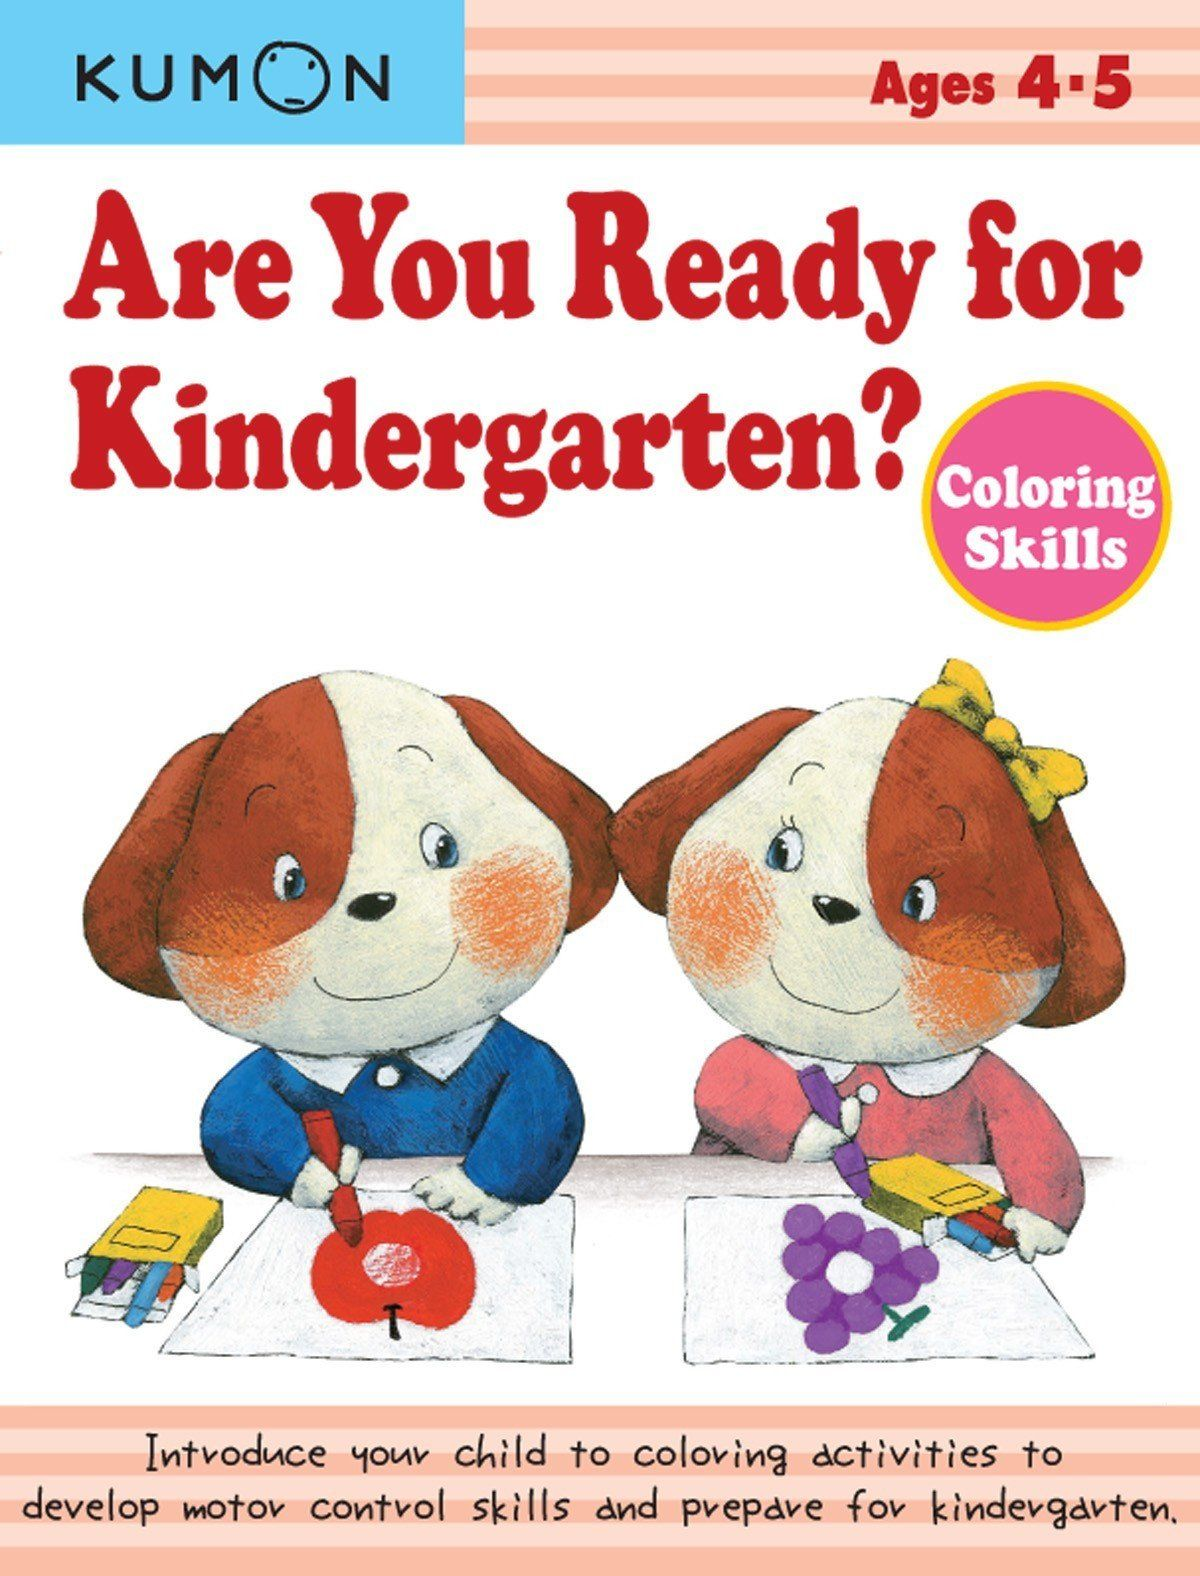 Kumon Printable Worksheets Free Kumon Sample Worksheets In 2020 Kids Worksheets Printables Kindergarten Books Kindergarten Worksheets